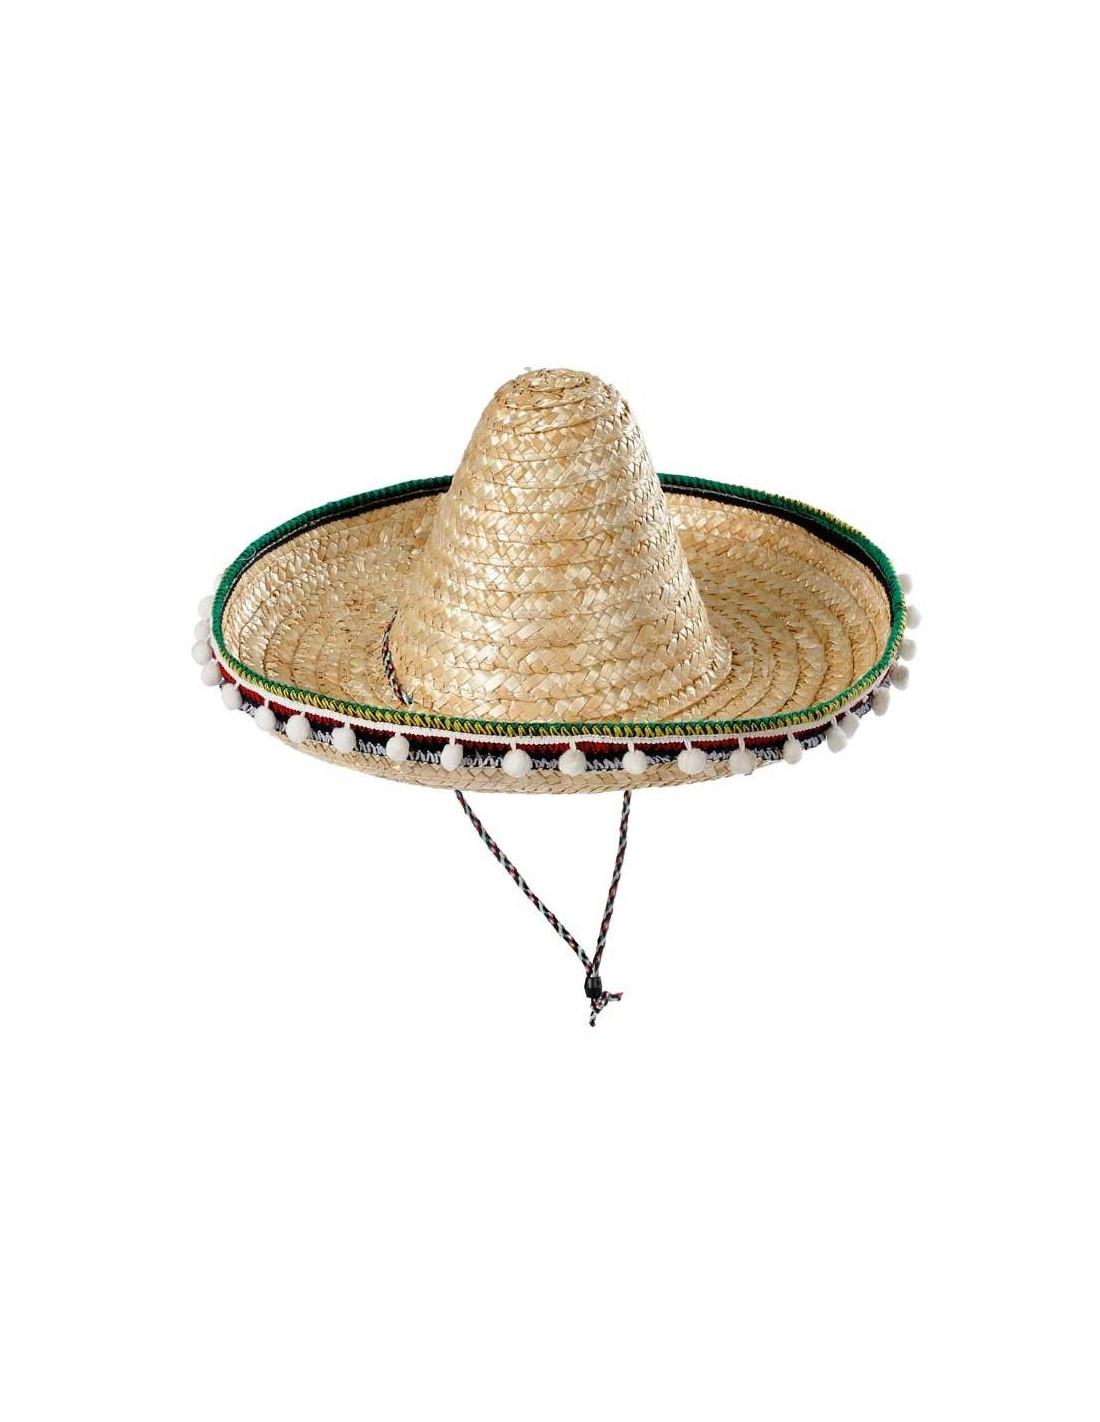 Sombrero mejicano adulto 55cm - Comprar en Tienda Disfraces Bacanal a9a1d1320cc